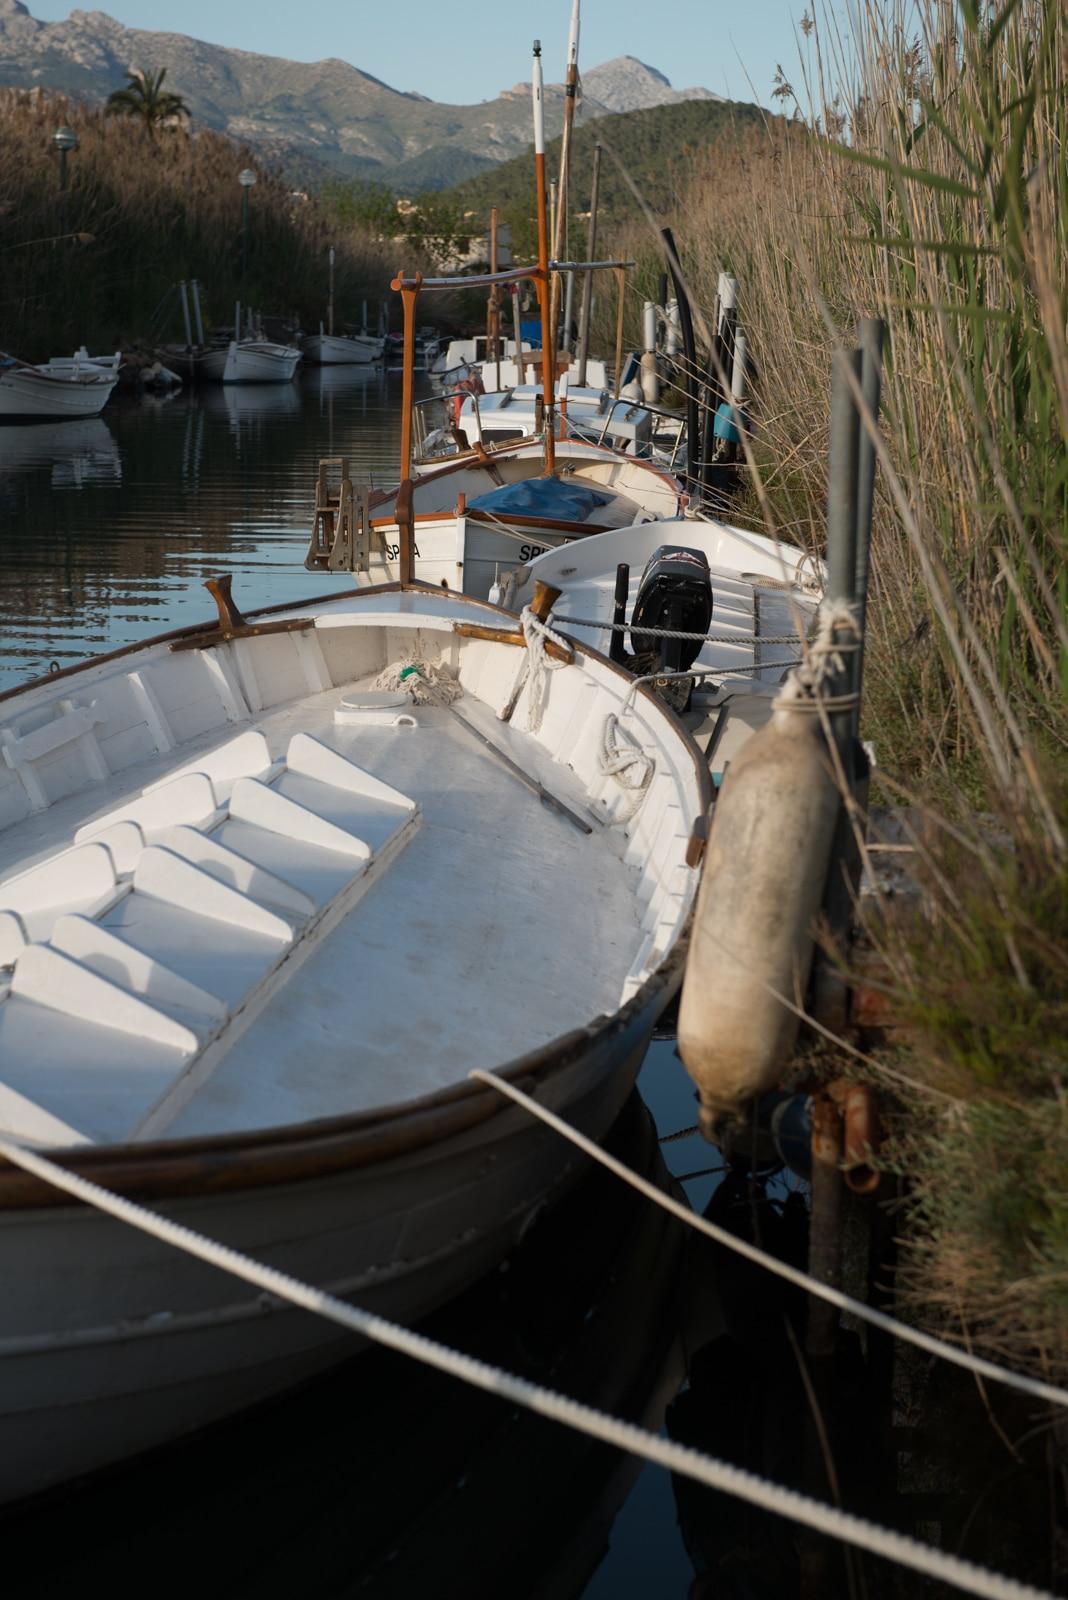 20140409 8845 - Port d'Andratx